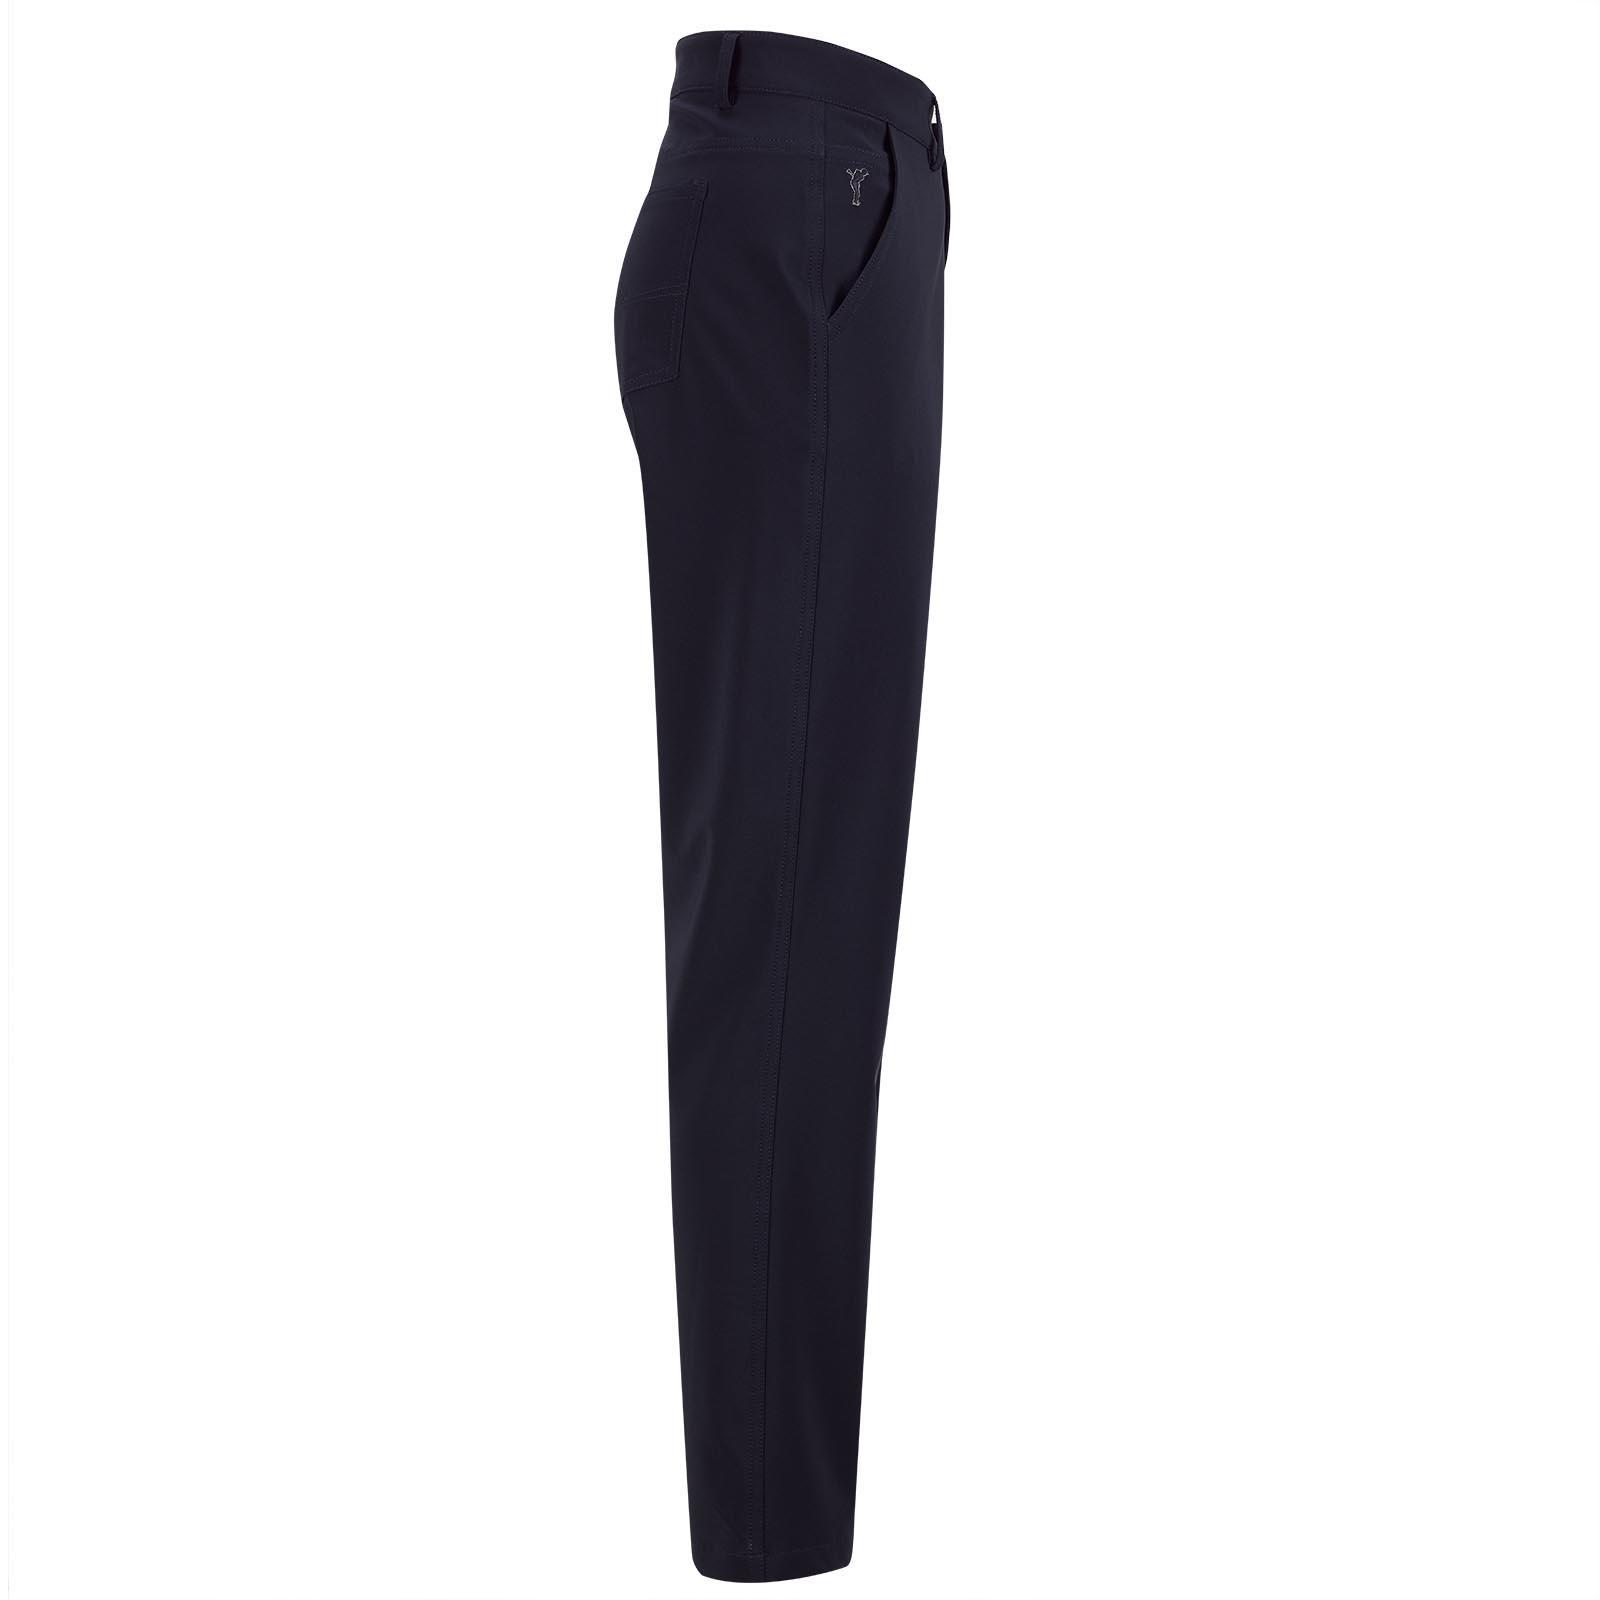 Golfino Pantalones De Golf De 7 8 Para Mujer De Material Elastico Impermeable Compre Ahora Golfino